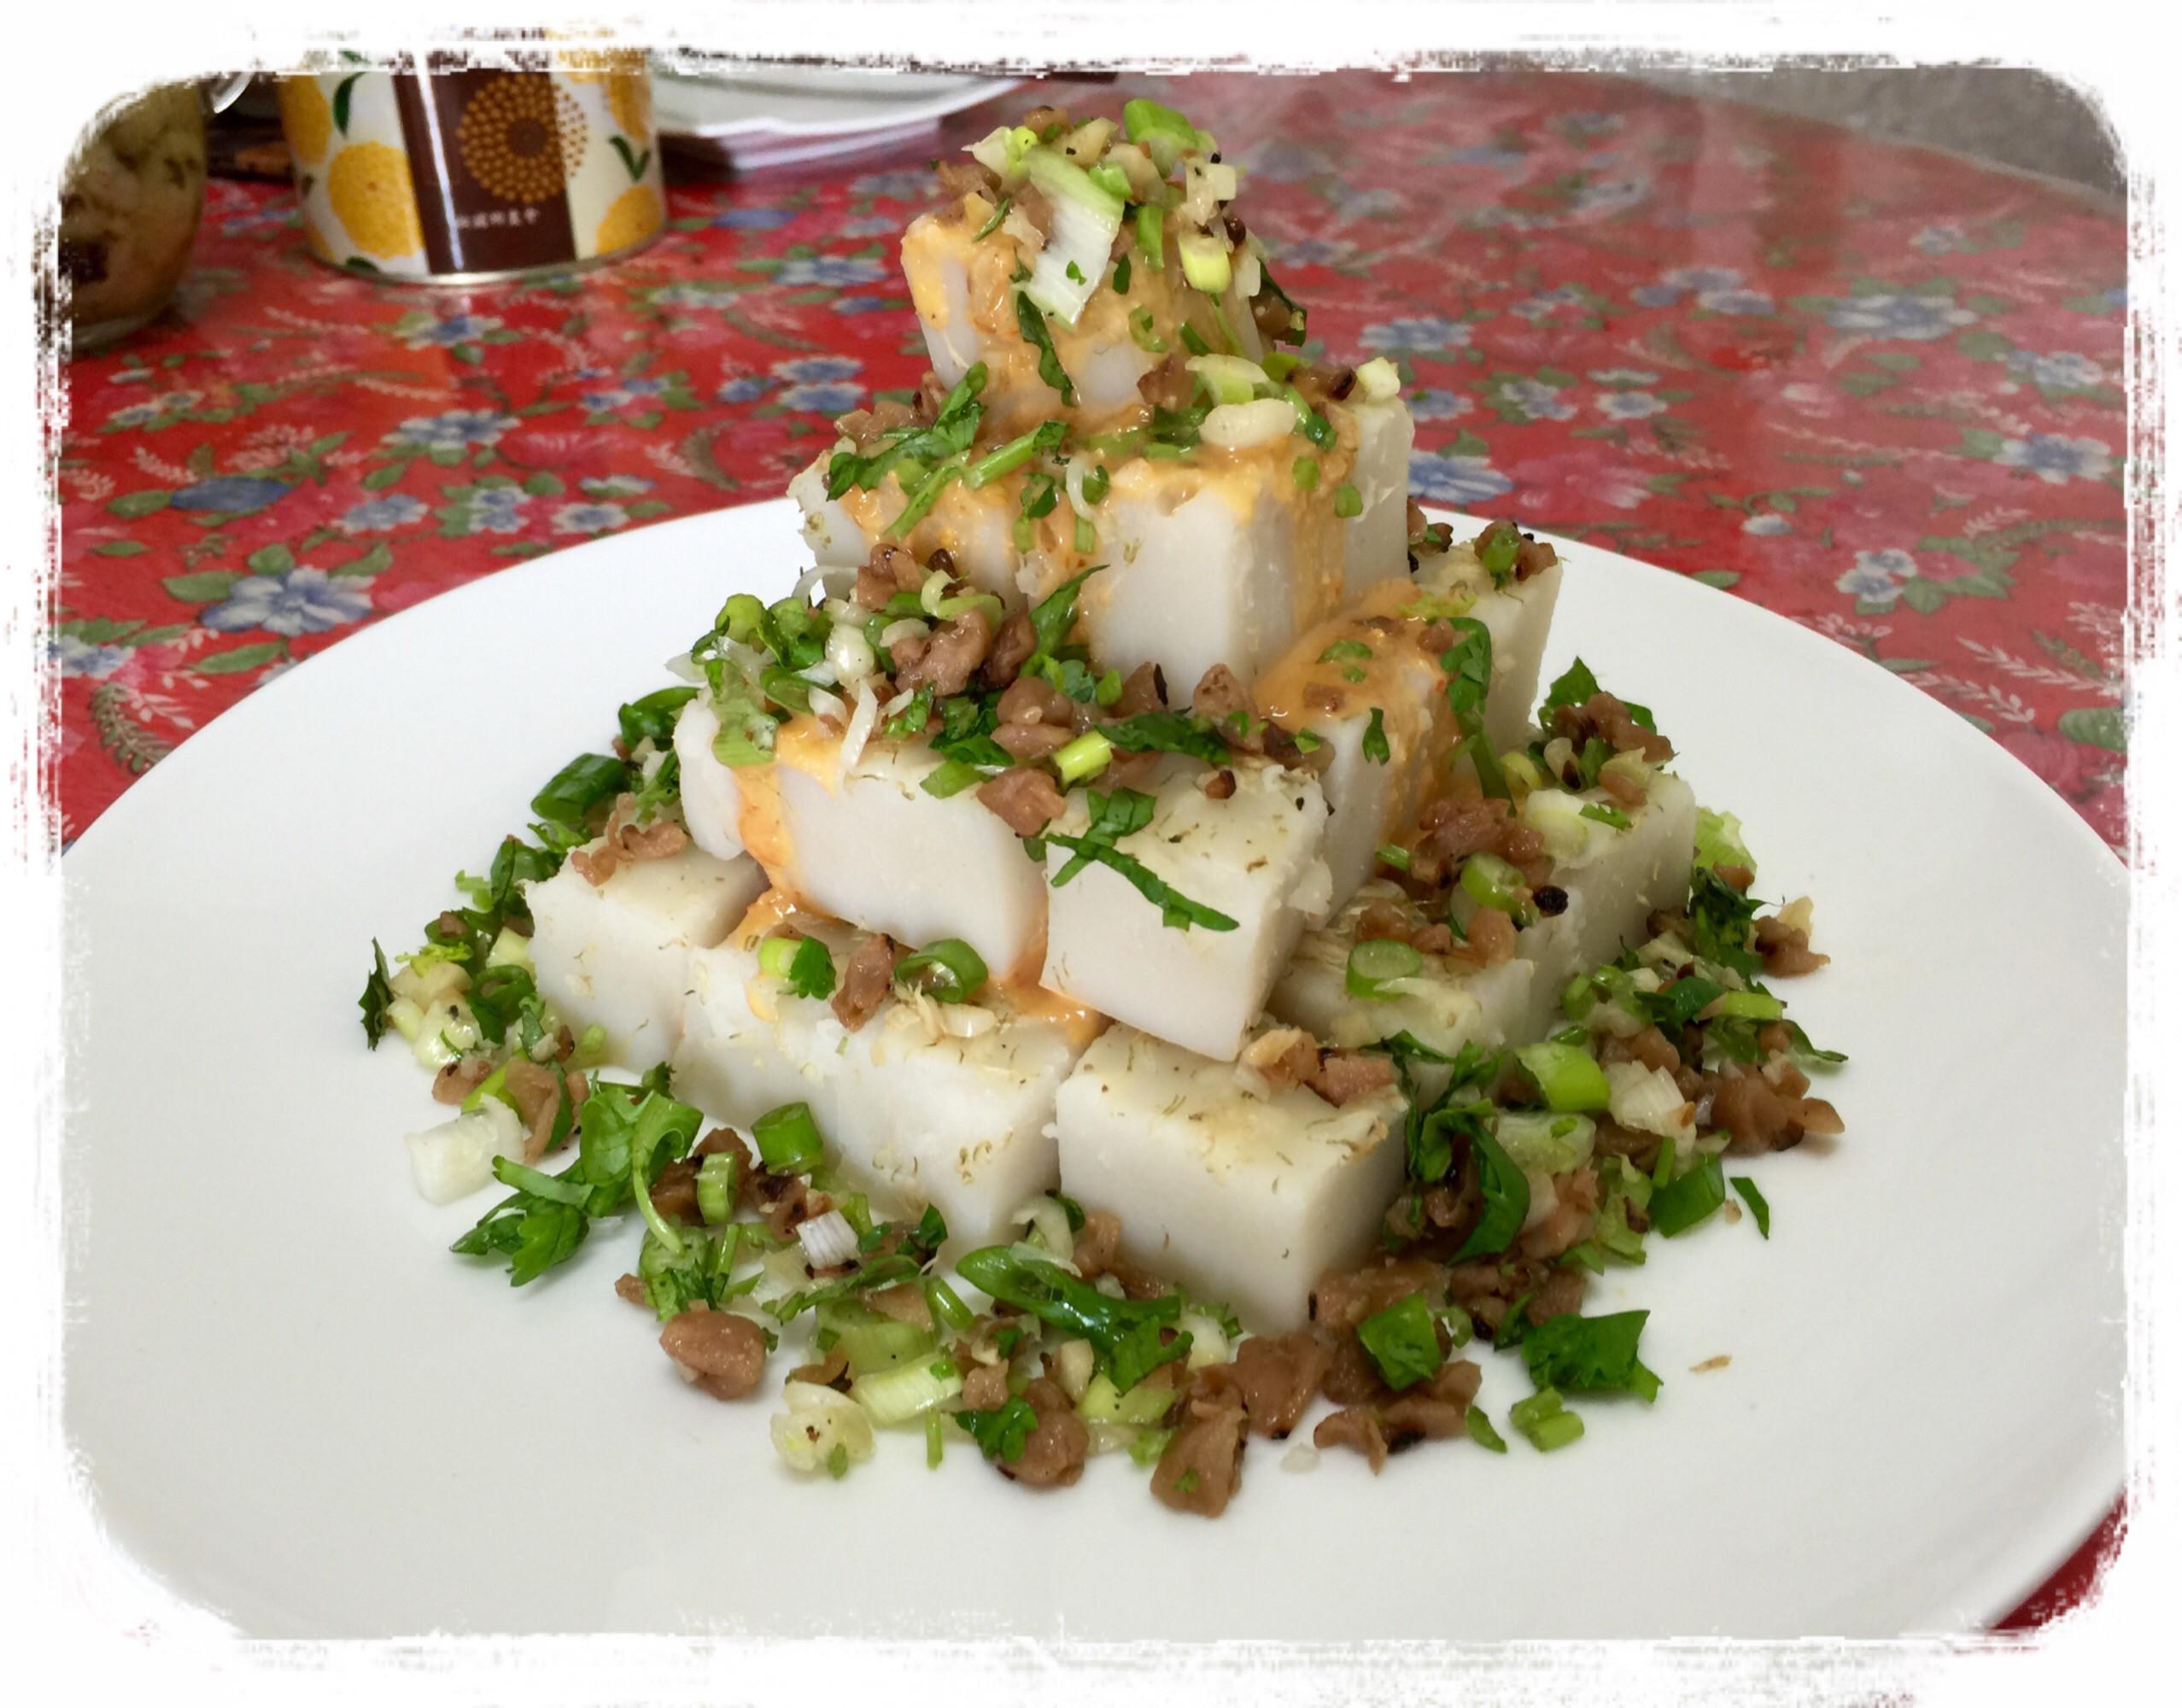 杭菊水粄佐芋香腐乳